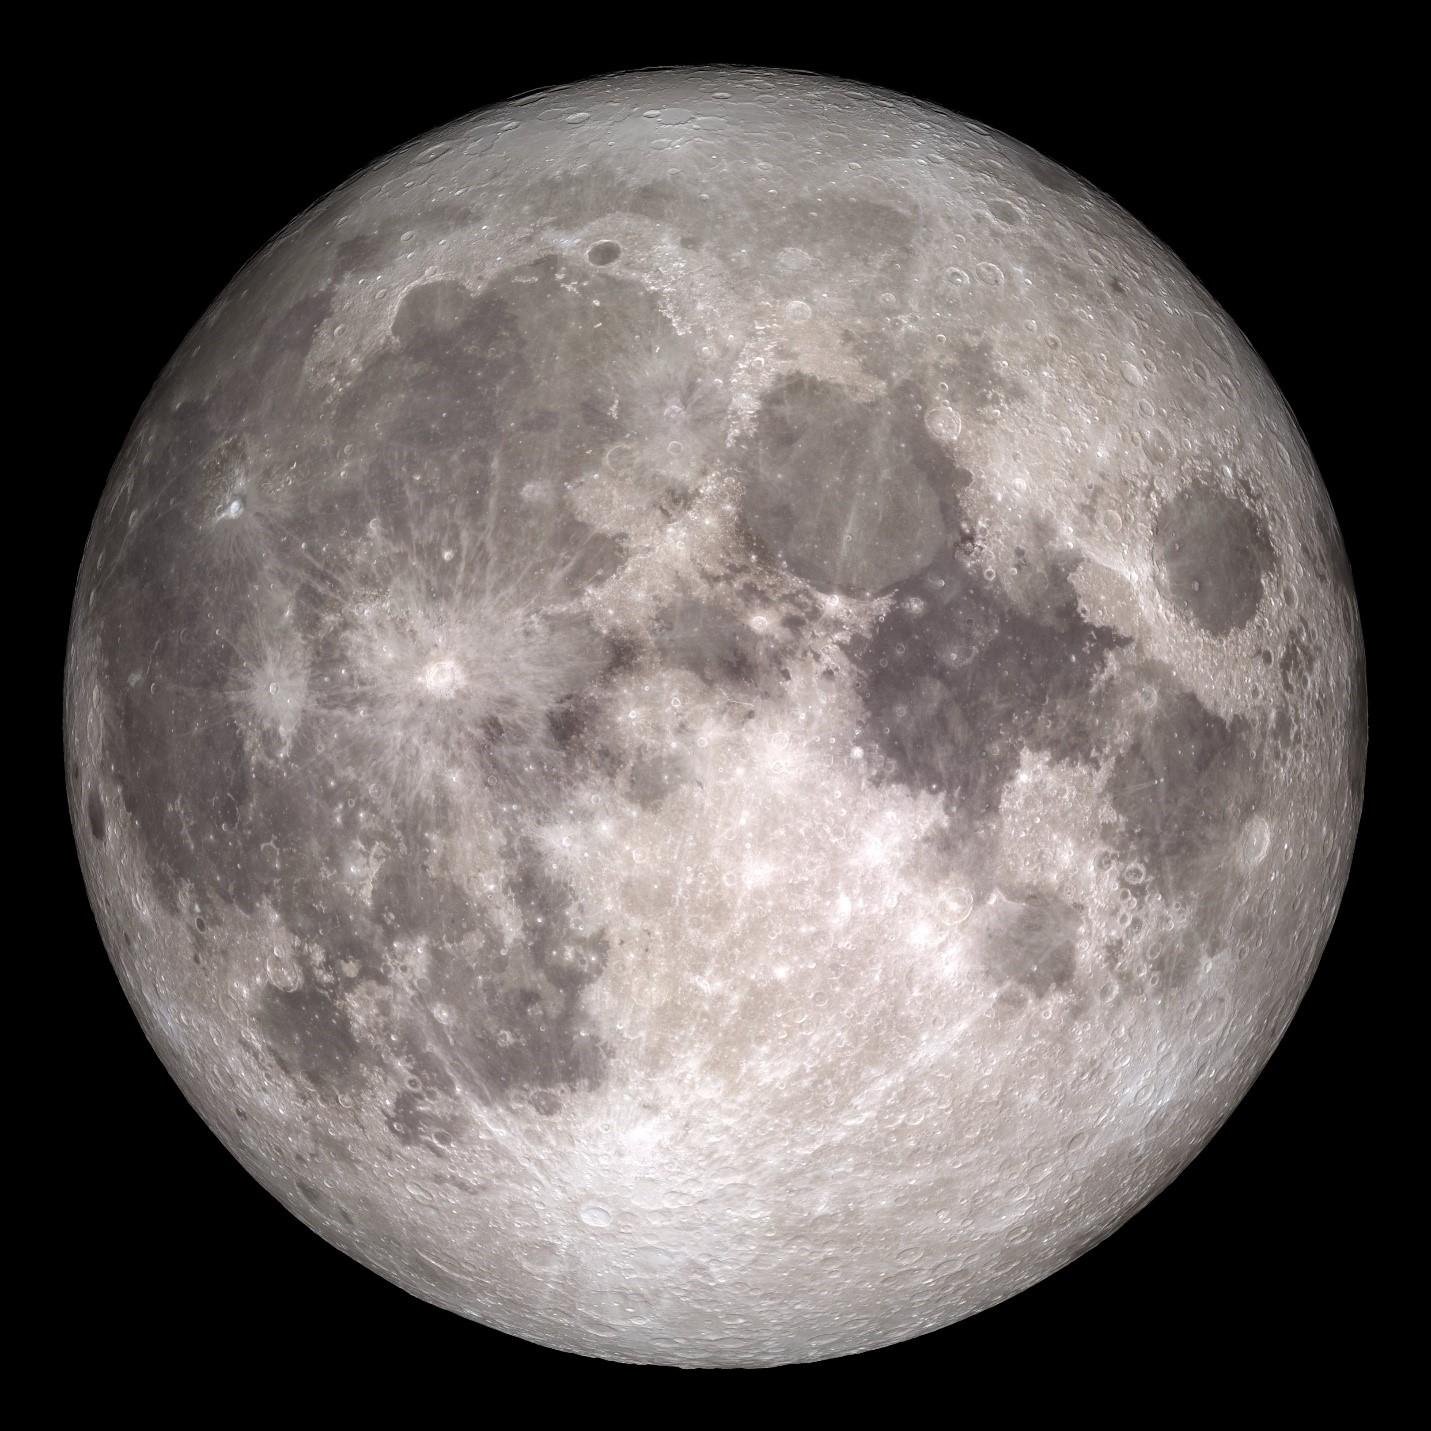 La nave espacial Lunar Reconnaissance Orbiter de la NASA nos permitió ver esta imagen espectacular del lado cercano de la Luna.